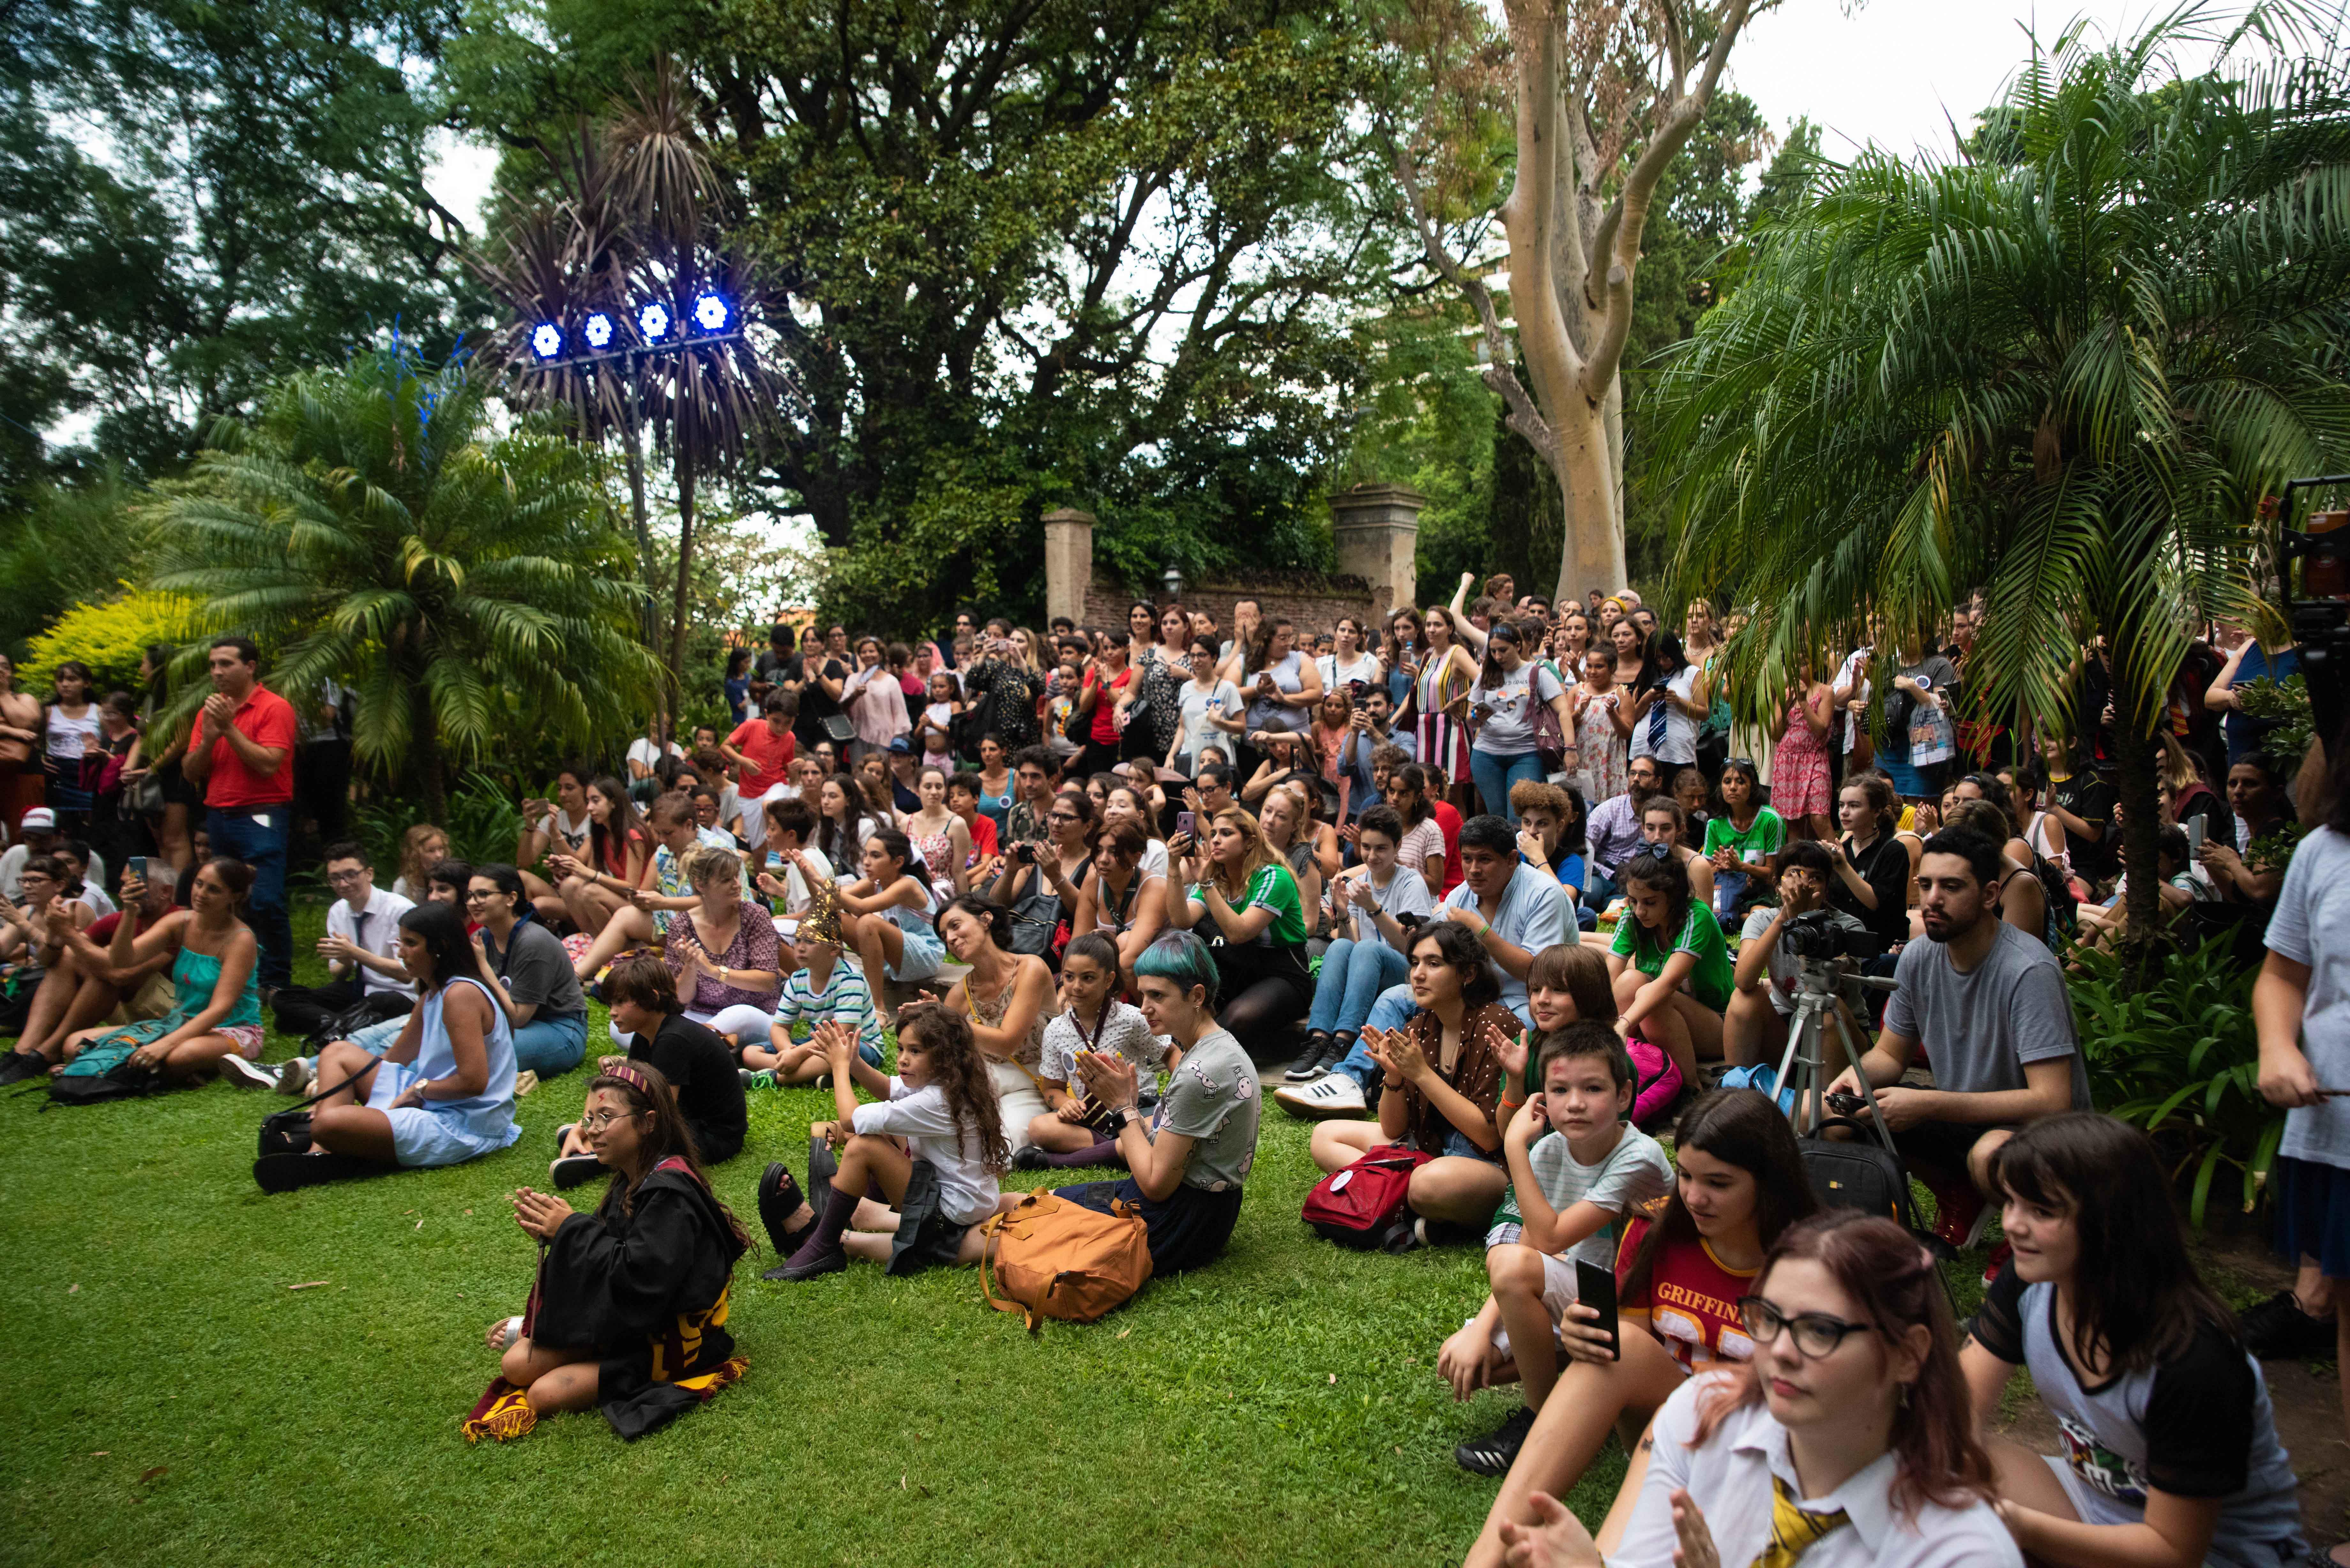 En el pasto, los fans se empezaban a juntar para obtener el mejor lugar y disfrutar de las actividades de cierre